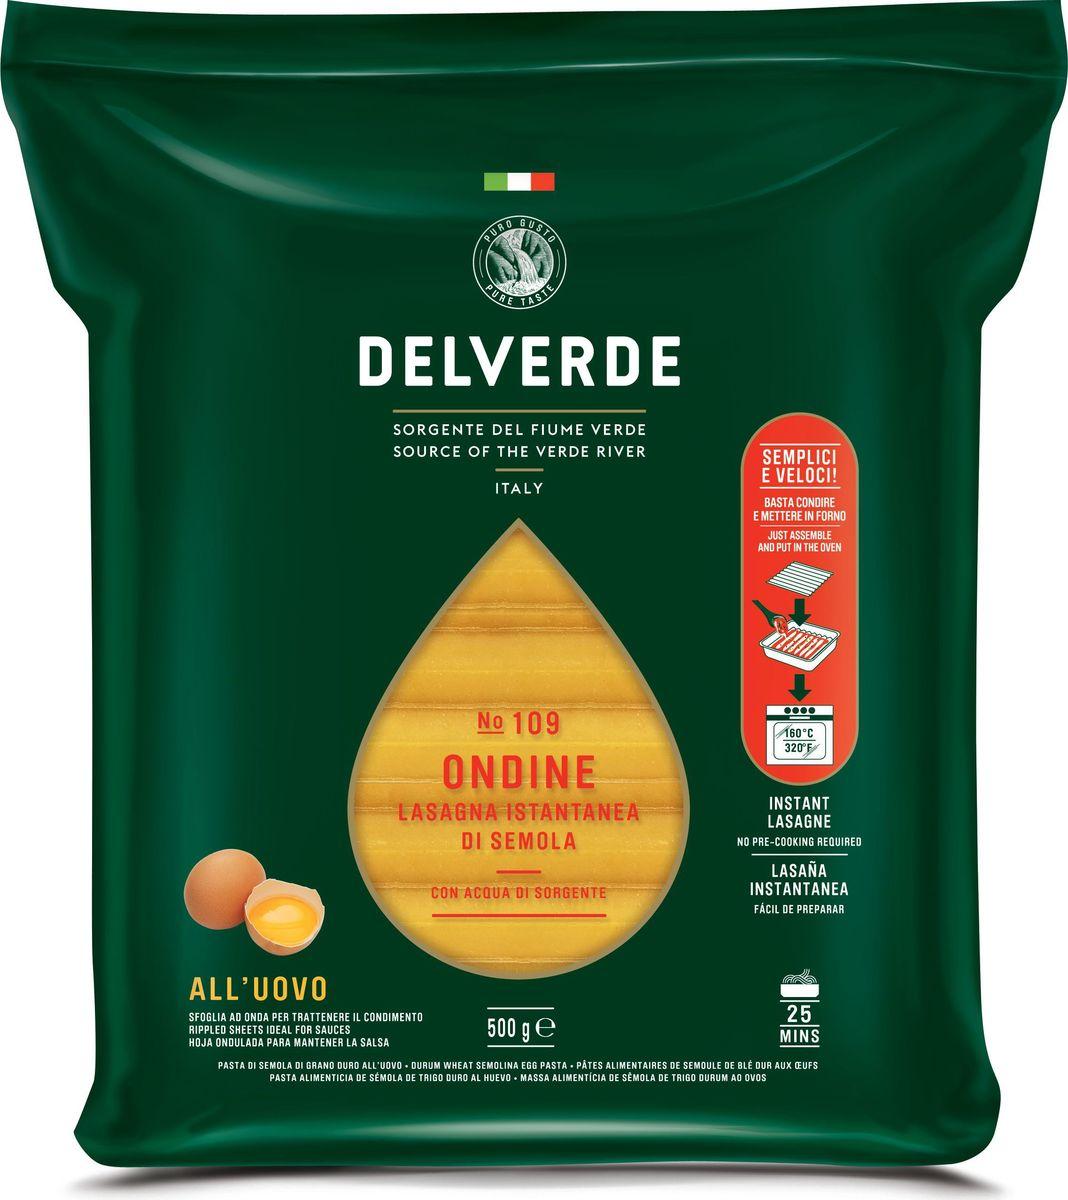 Delverde № 109 паста Ондине яичная, 250 гМС-00003767Лазанья отлично сочетается с рагу по-неаполитански с сыром рикотта или с соусом из дичи.Рекомендуемый способ приготовления, запекание в духовке, с различным составом начинки и соусом Бешамель. Этот способ настолько признан по всей Италии, что принял название формы этой пасты.Способ приготовления: Продукт предварительно отварен, готов для приготовления лазаньи. Перед запеканием поместить в горячую воду на несколько минут. После чего поместите первый лист в форму и нанесите желаемую начинку. Вторую пластину положите перпендикулярно первой, так чтобы волны пересеклись под углом 90°. Продолжайте накладывать друг на друга пластины почти до полного заполнения формы. В конце добавьте немного бульона или воды из-под пасты, чтобы добавить блюду влажности в процессе приготовления. Закройте форму фольгой и выпекайте в духовке в течение 25 минут при температуре 160°C. За 10 минут до окончания выпекания удалите слой фольги, чтобы верхний слой стал золотистым.